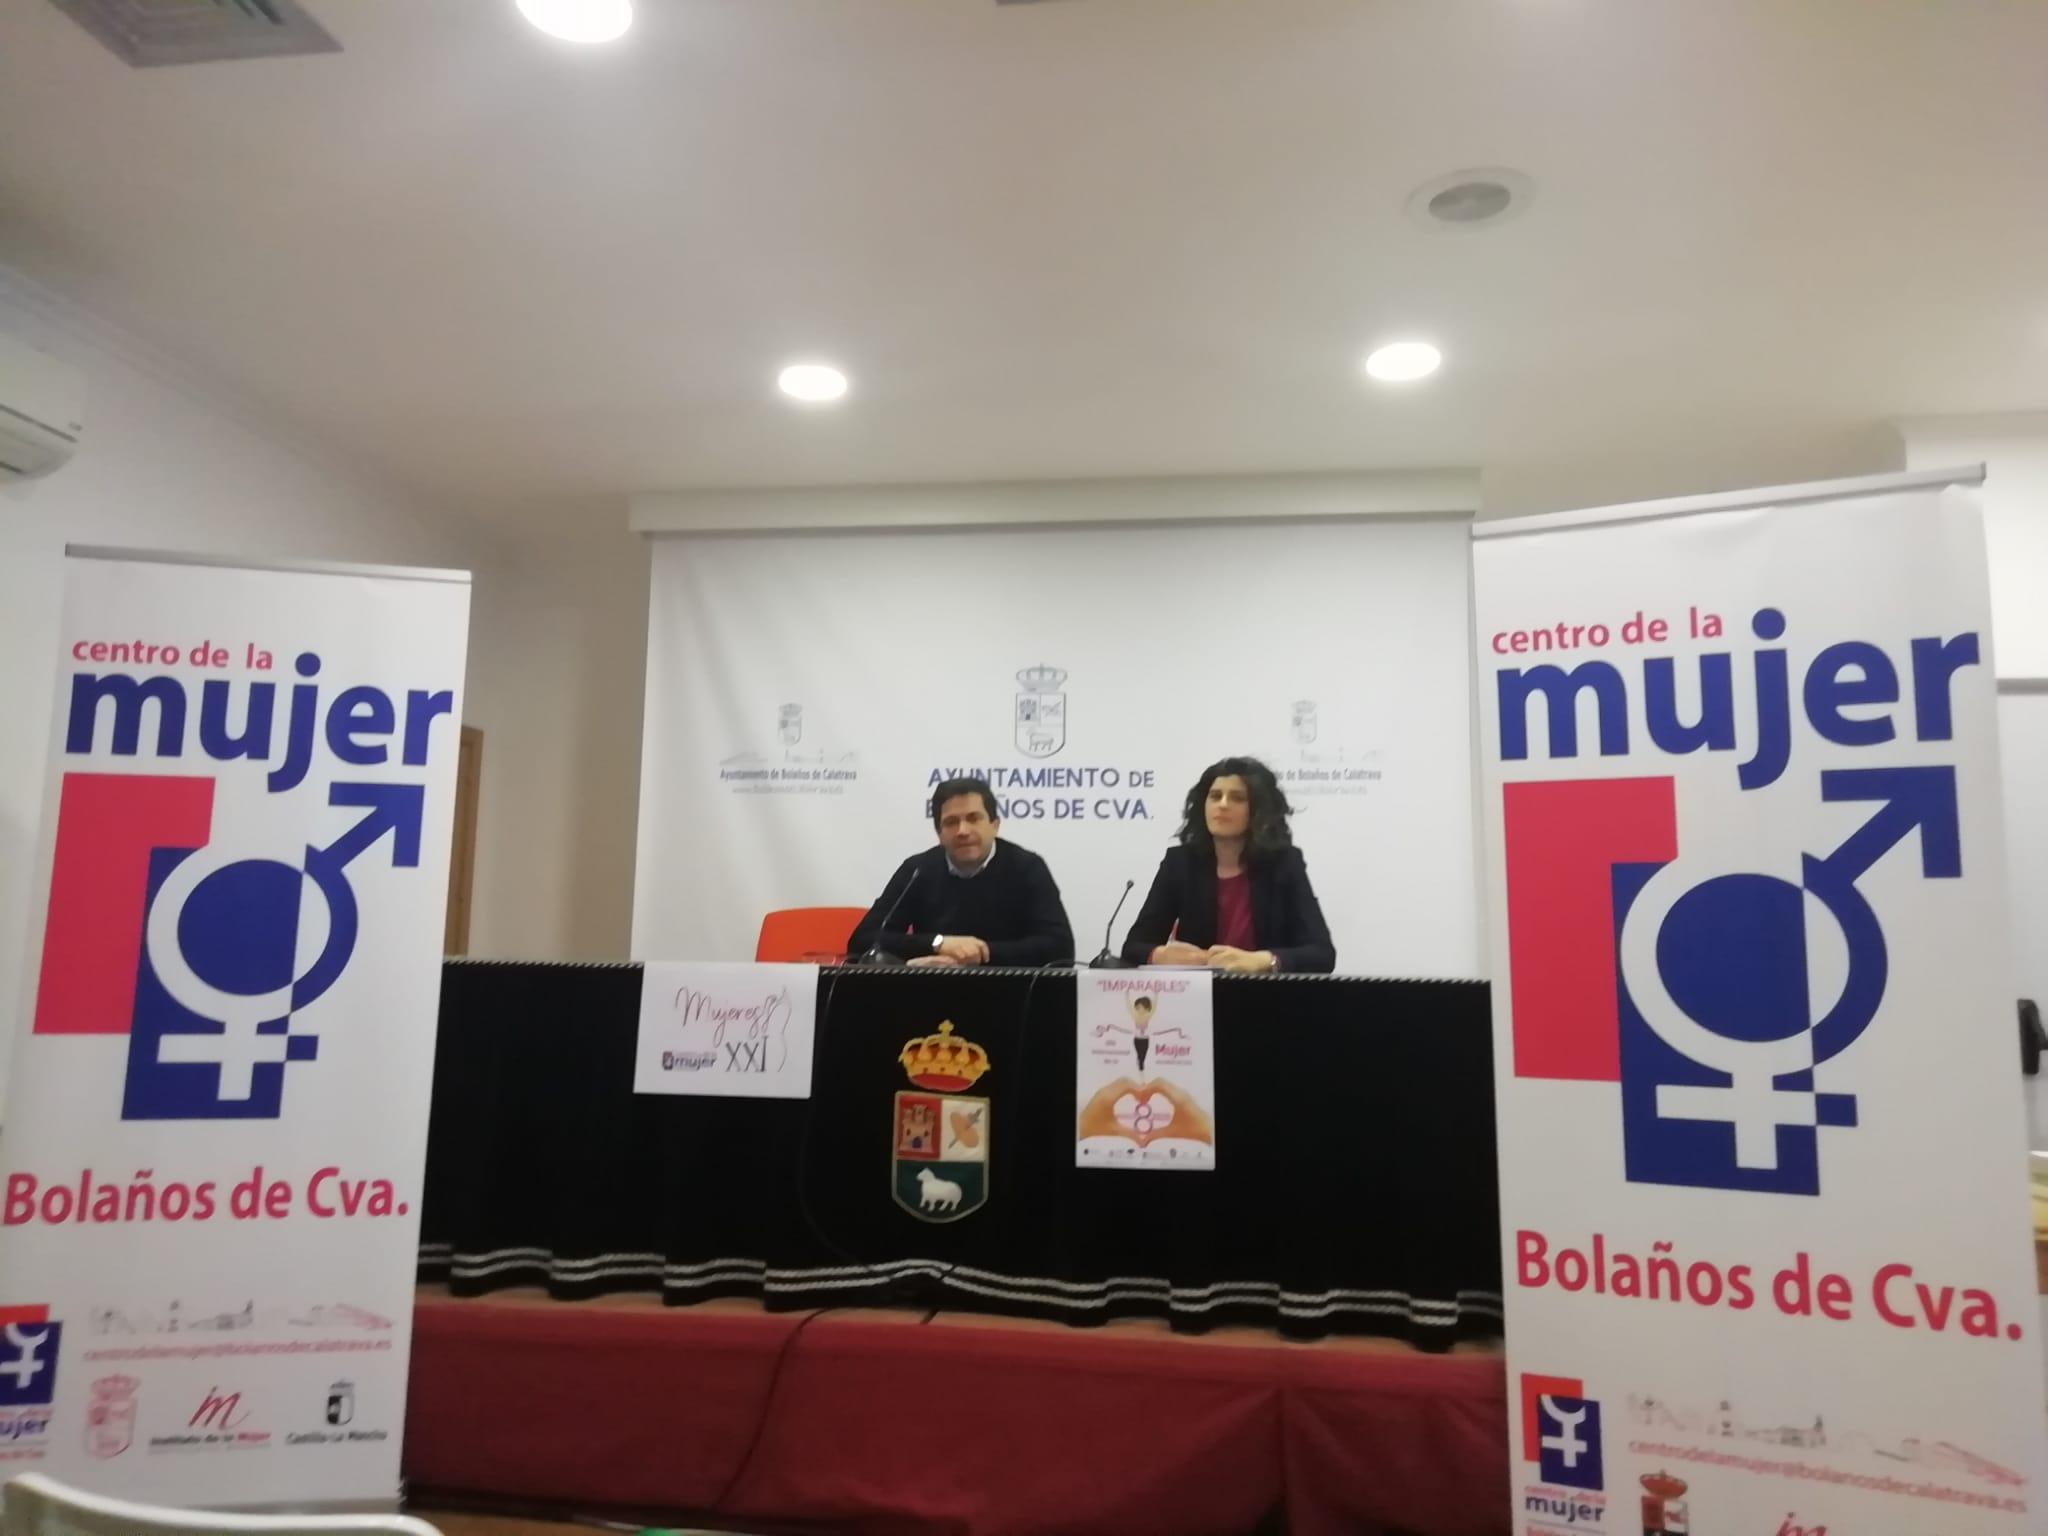 Miguel Ángel Valverde y Victoria Naranjo en rueda de prensa